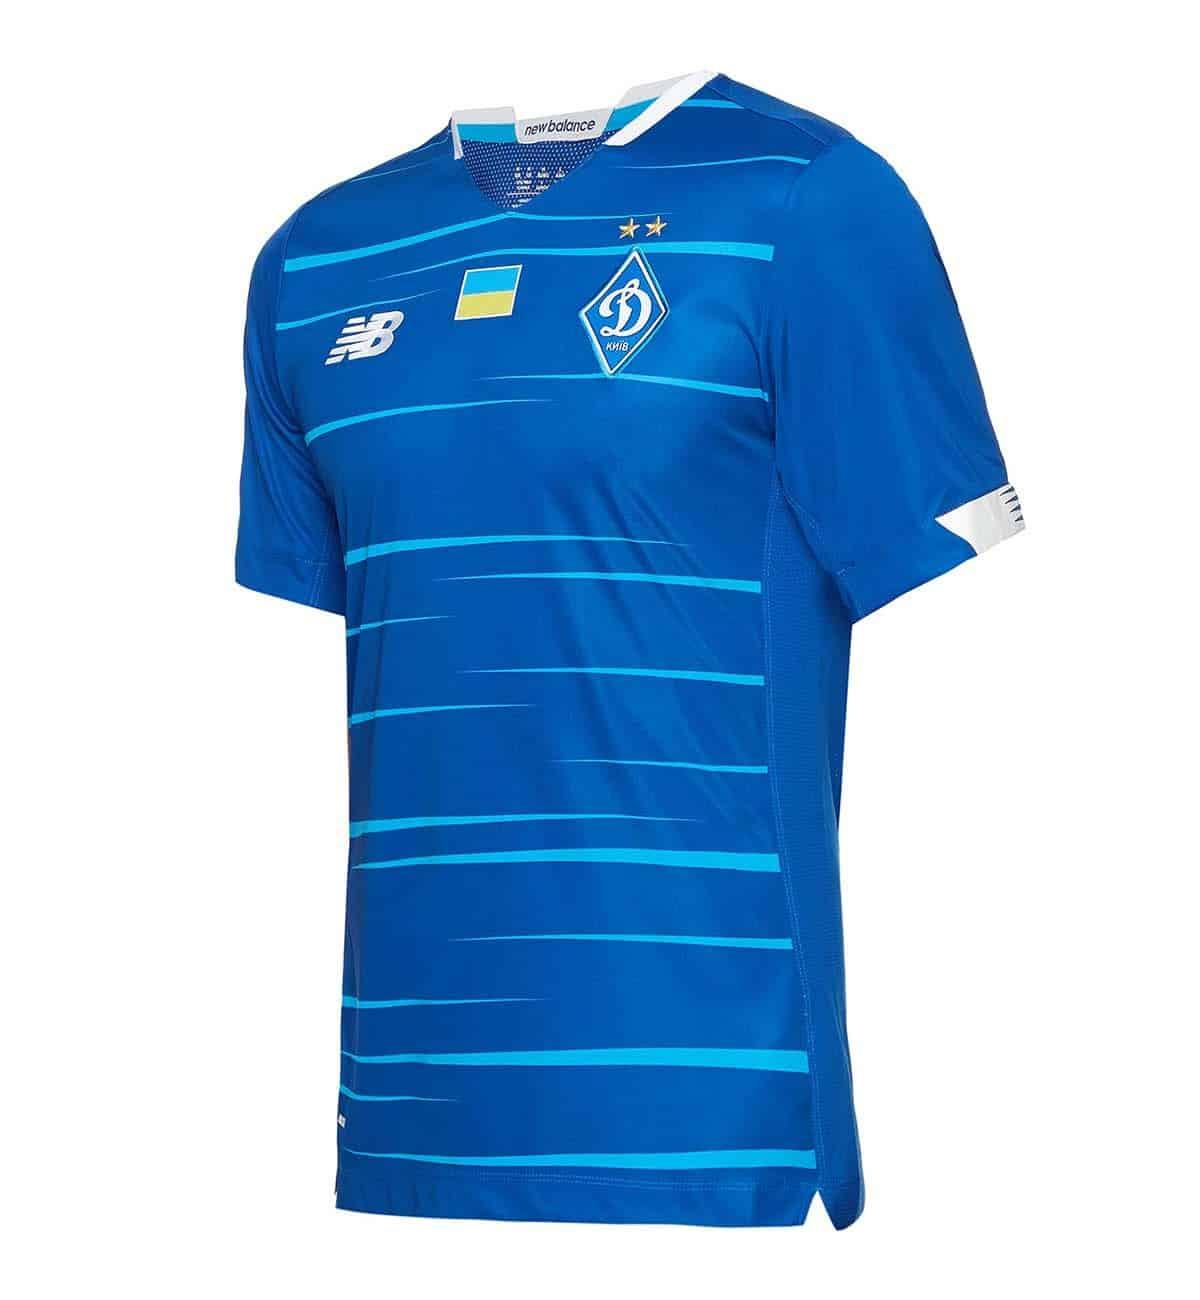 maillot-dynamo-kiev-exterieur-2020-2021